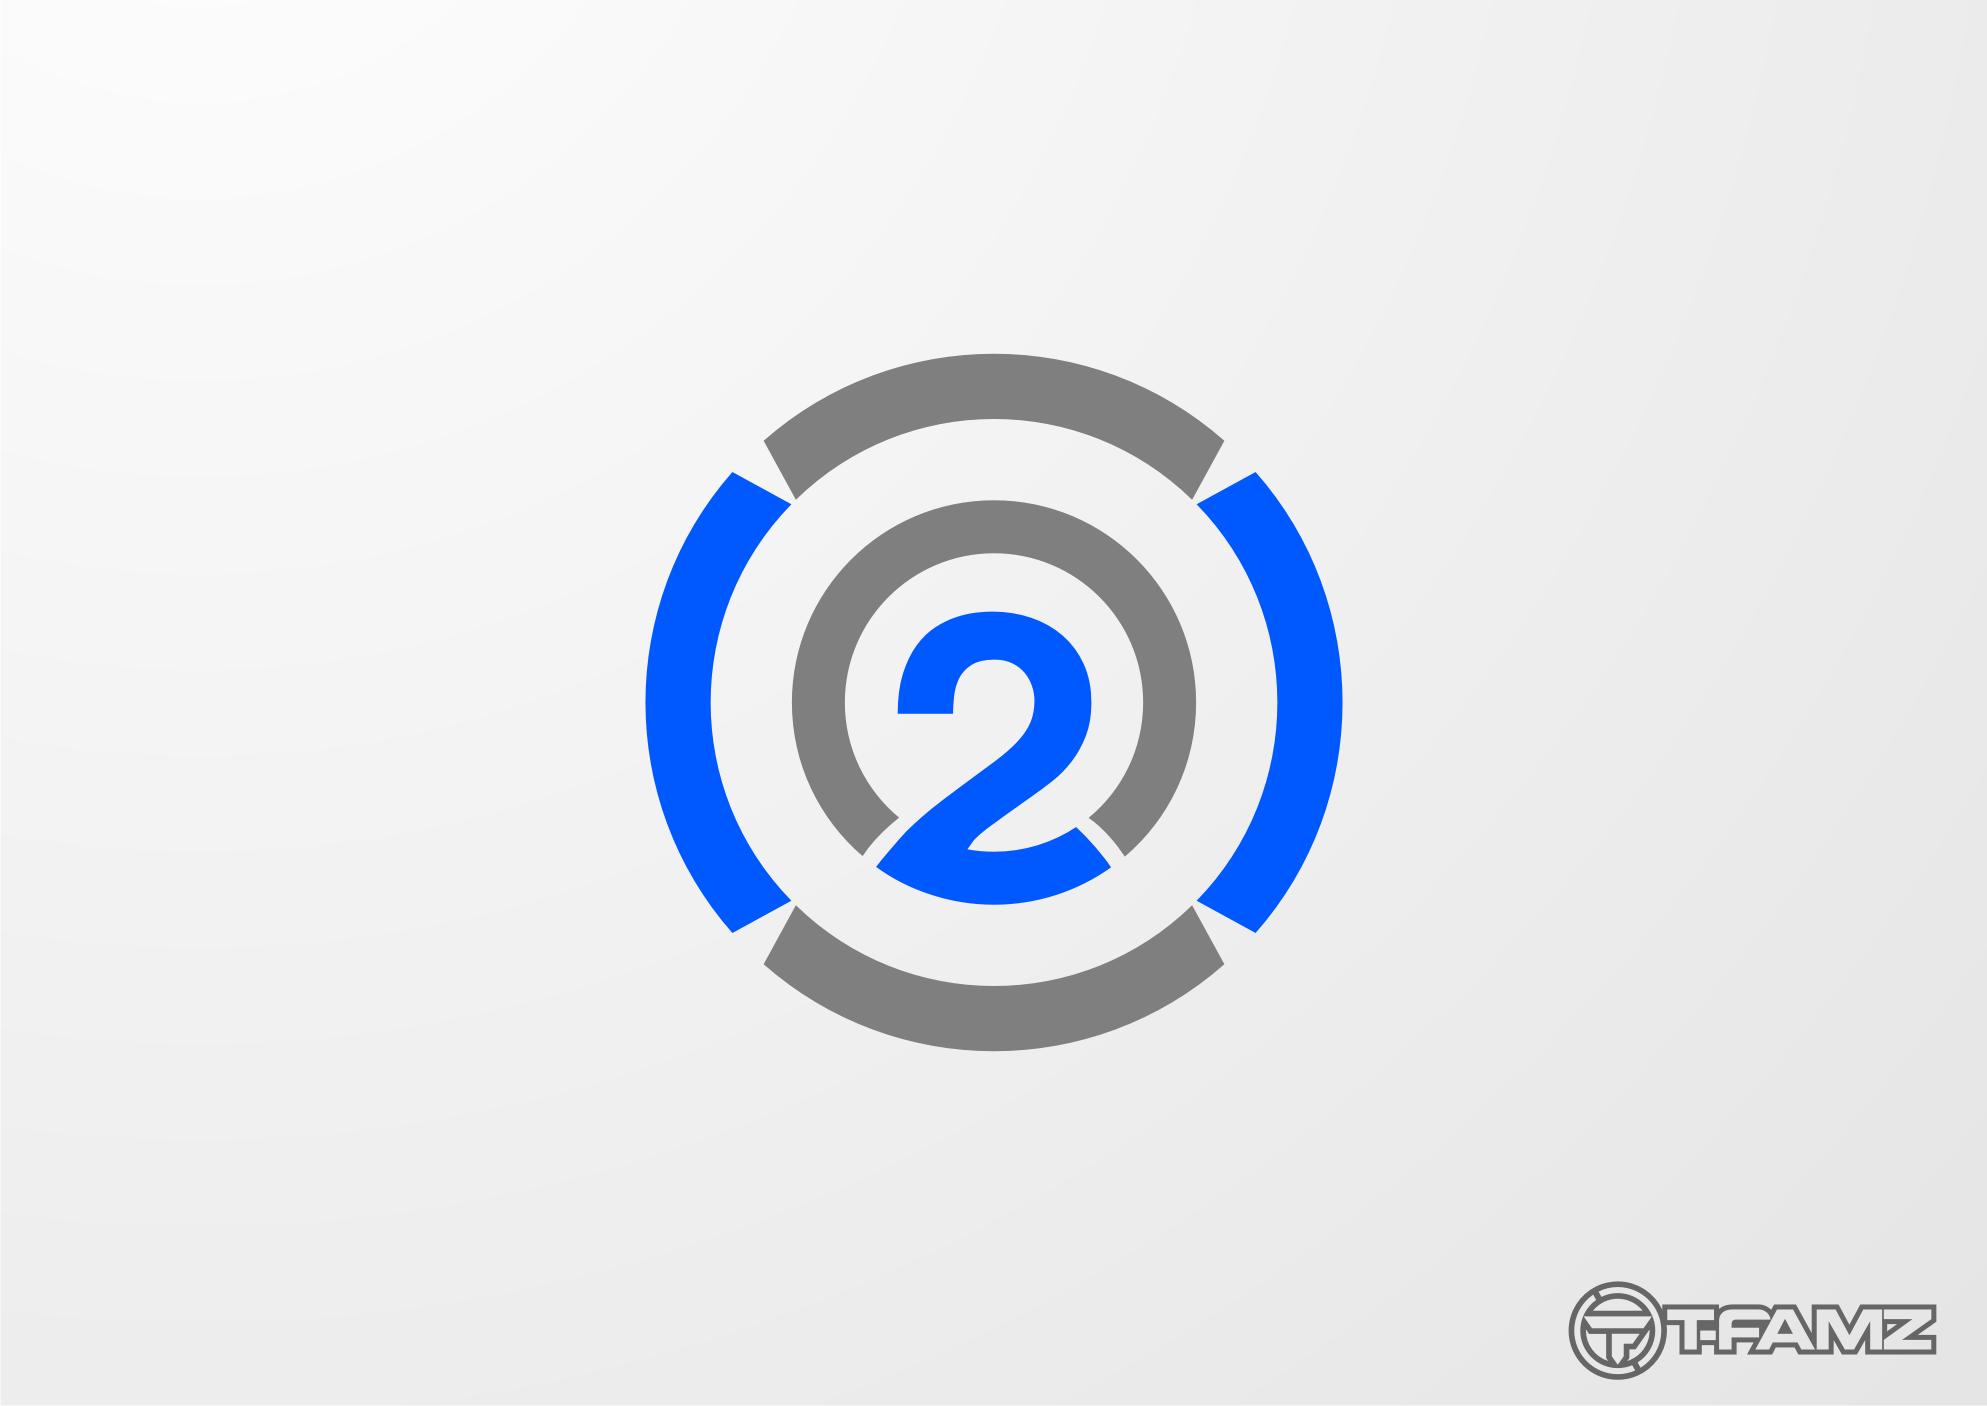 Logo Design by Tille Famz - Entry No. 11 in the Logo Design Contest Artistic Logo Design for O2.